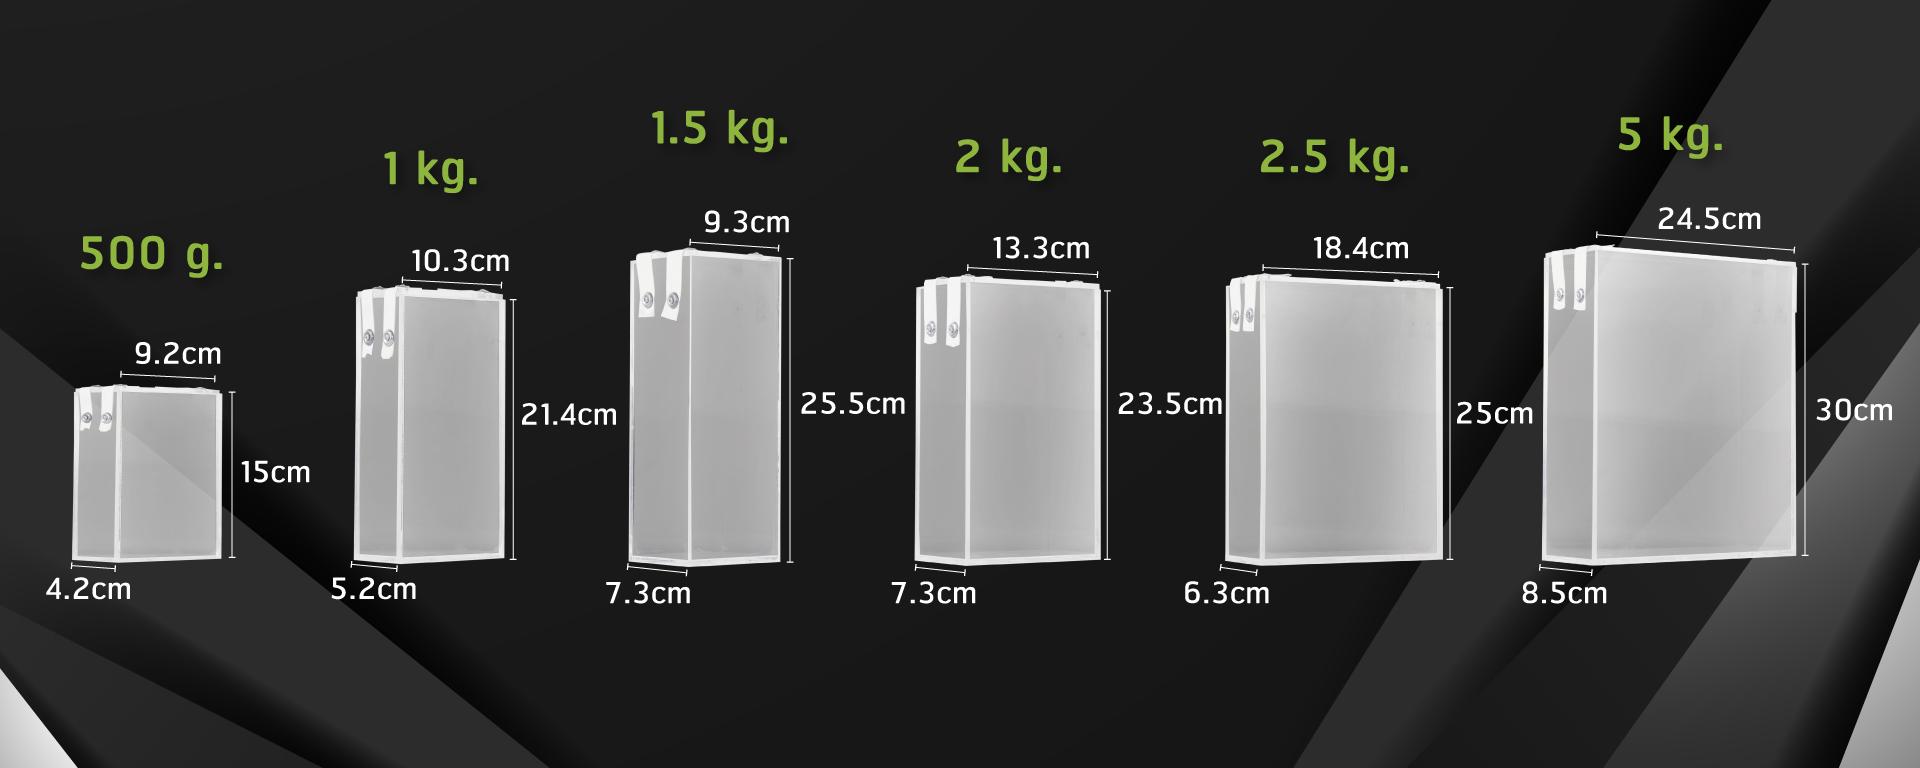 các kích thước và trọng lượng tương ứng của hộp định hình RB